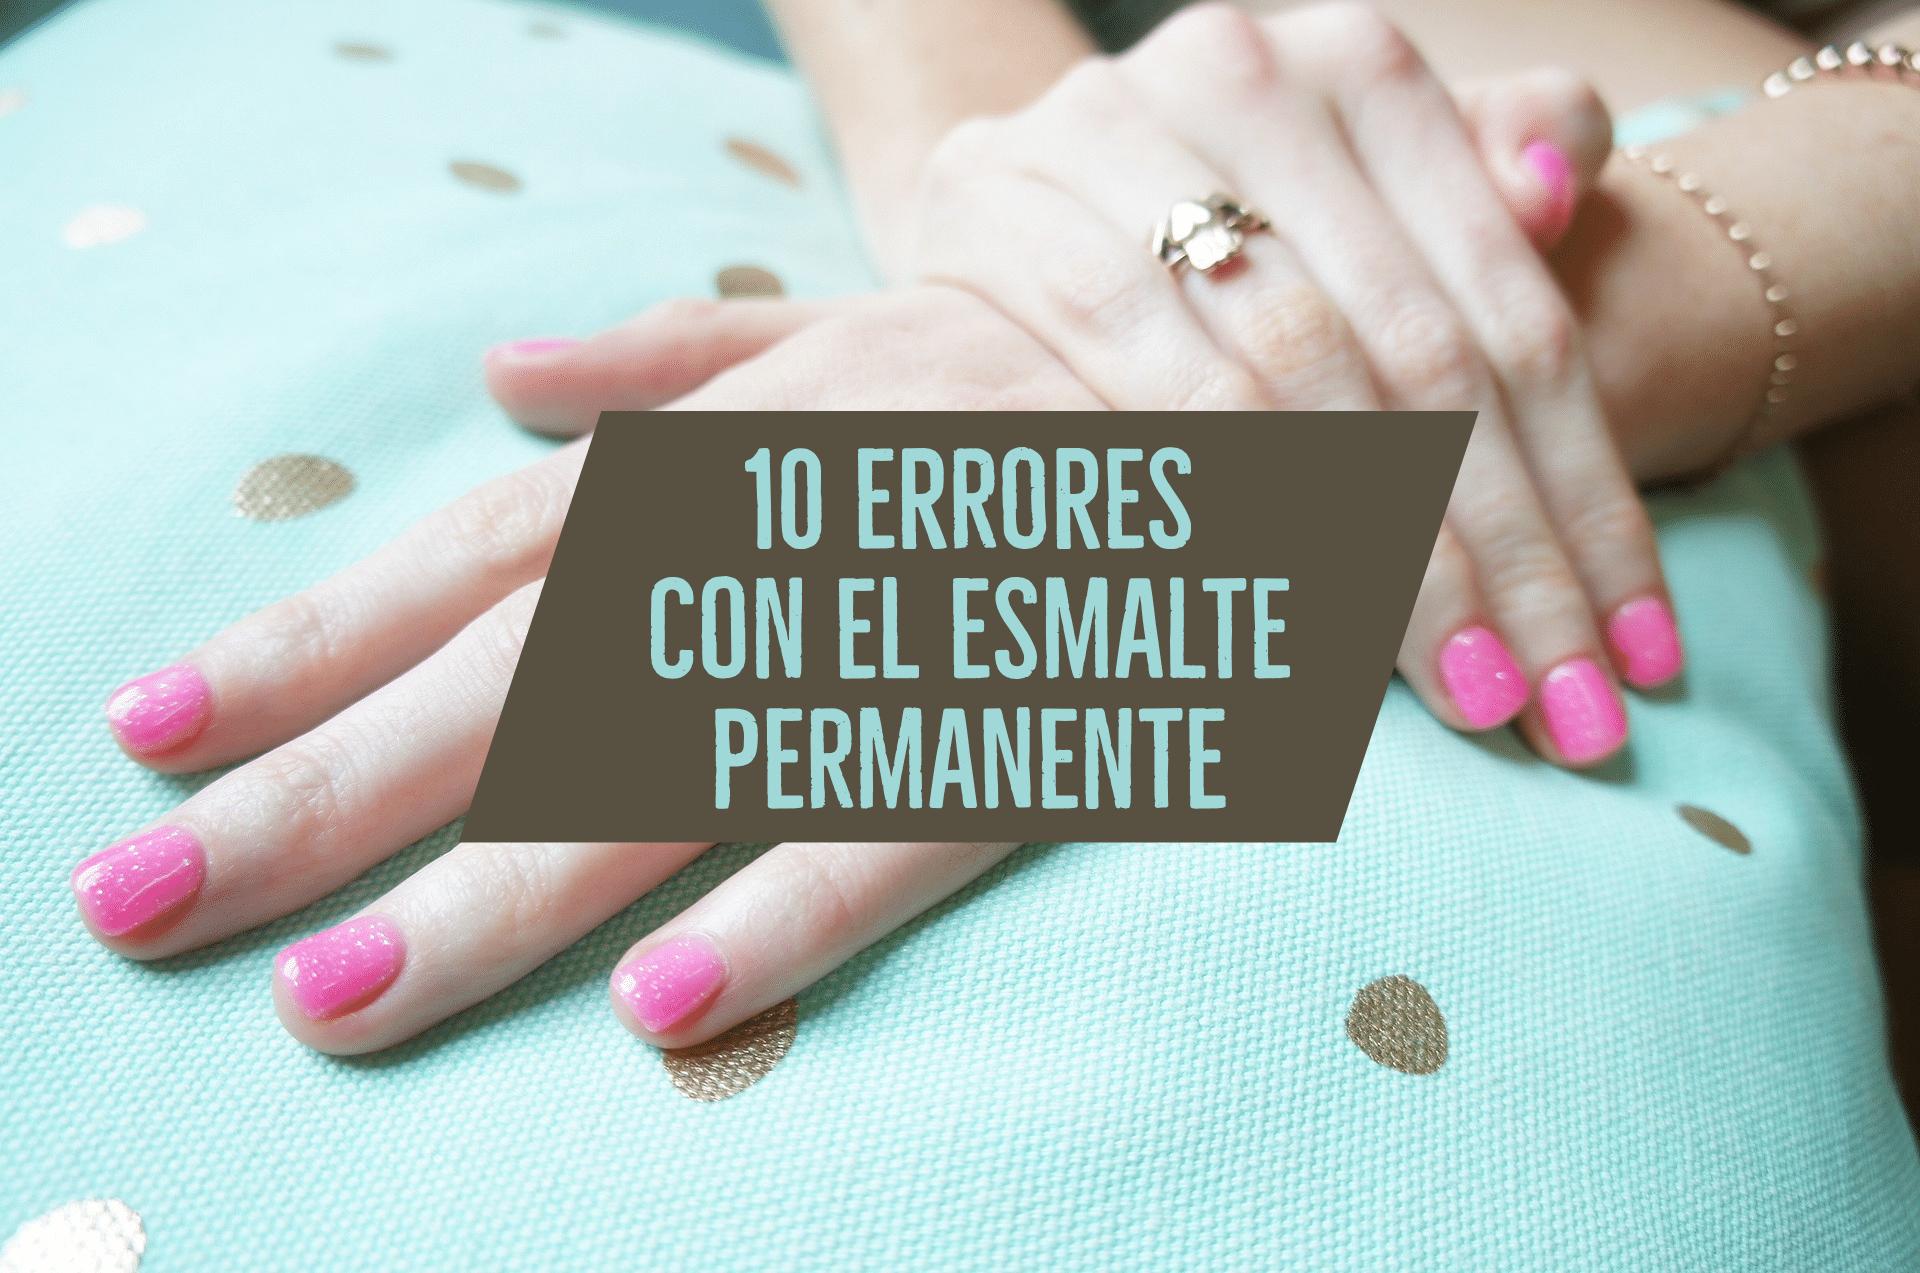 10 errores con el esmalte permanente mas comunes